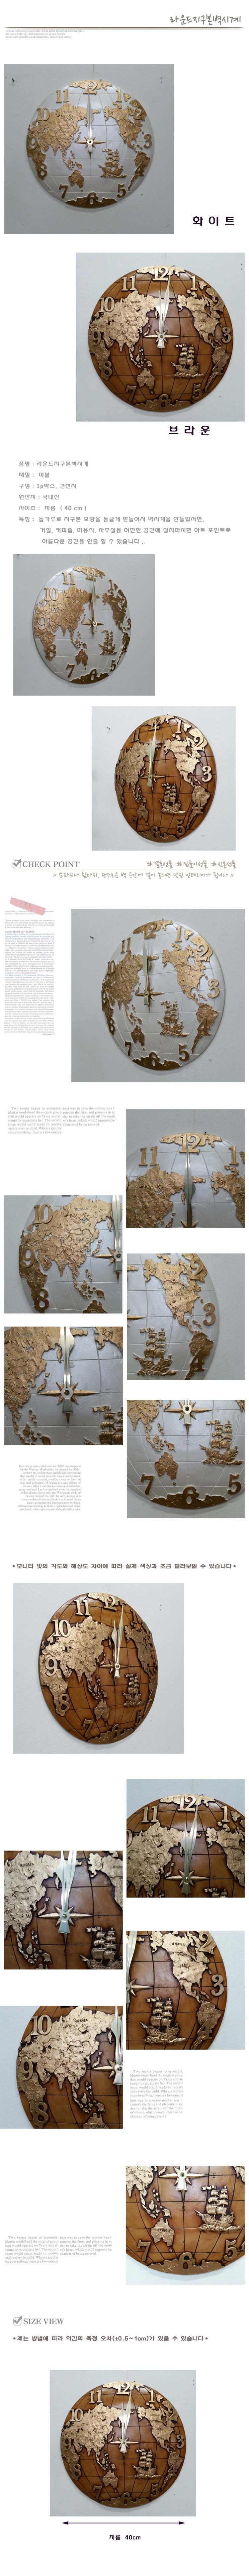 라운드지구본벽시계2종 - 유앤티크, 90,000원, 벽시계, 디자인벽시계